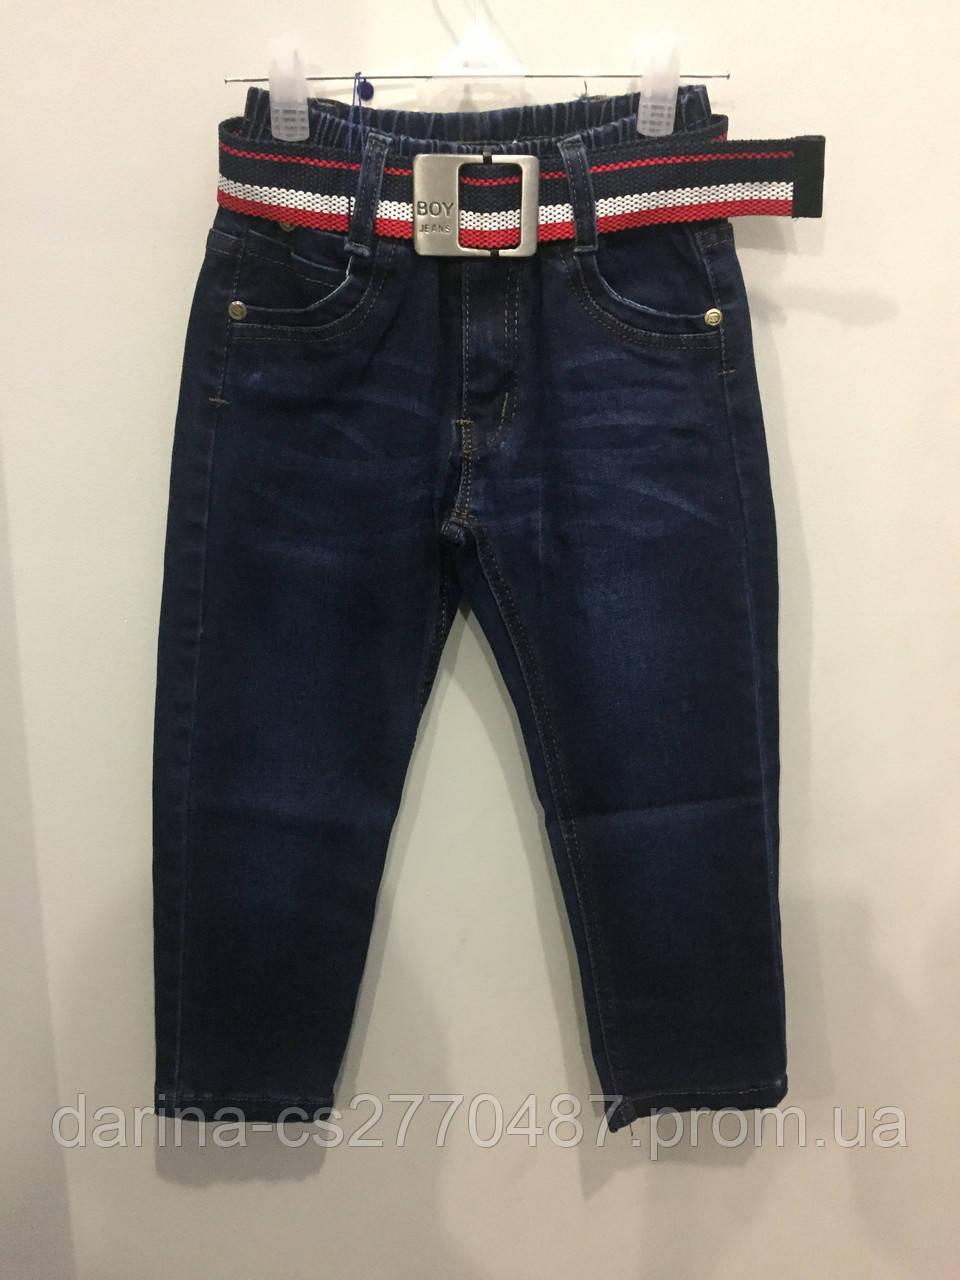 Детские джинсы с ремнем на мальчика 104,110,116 см